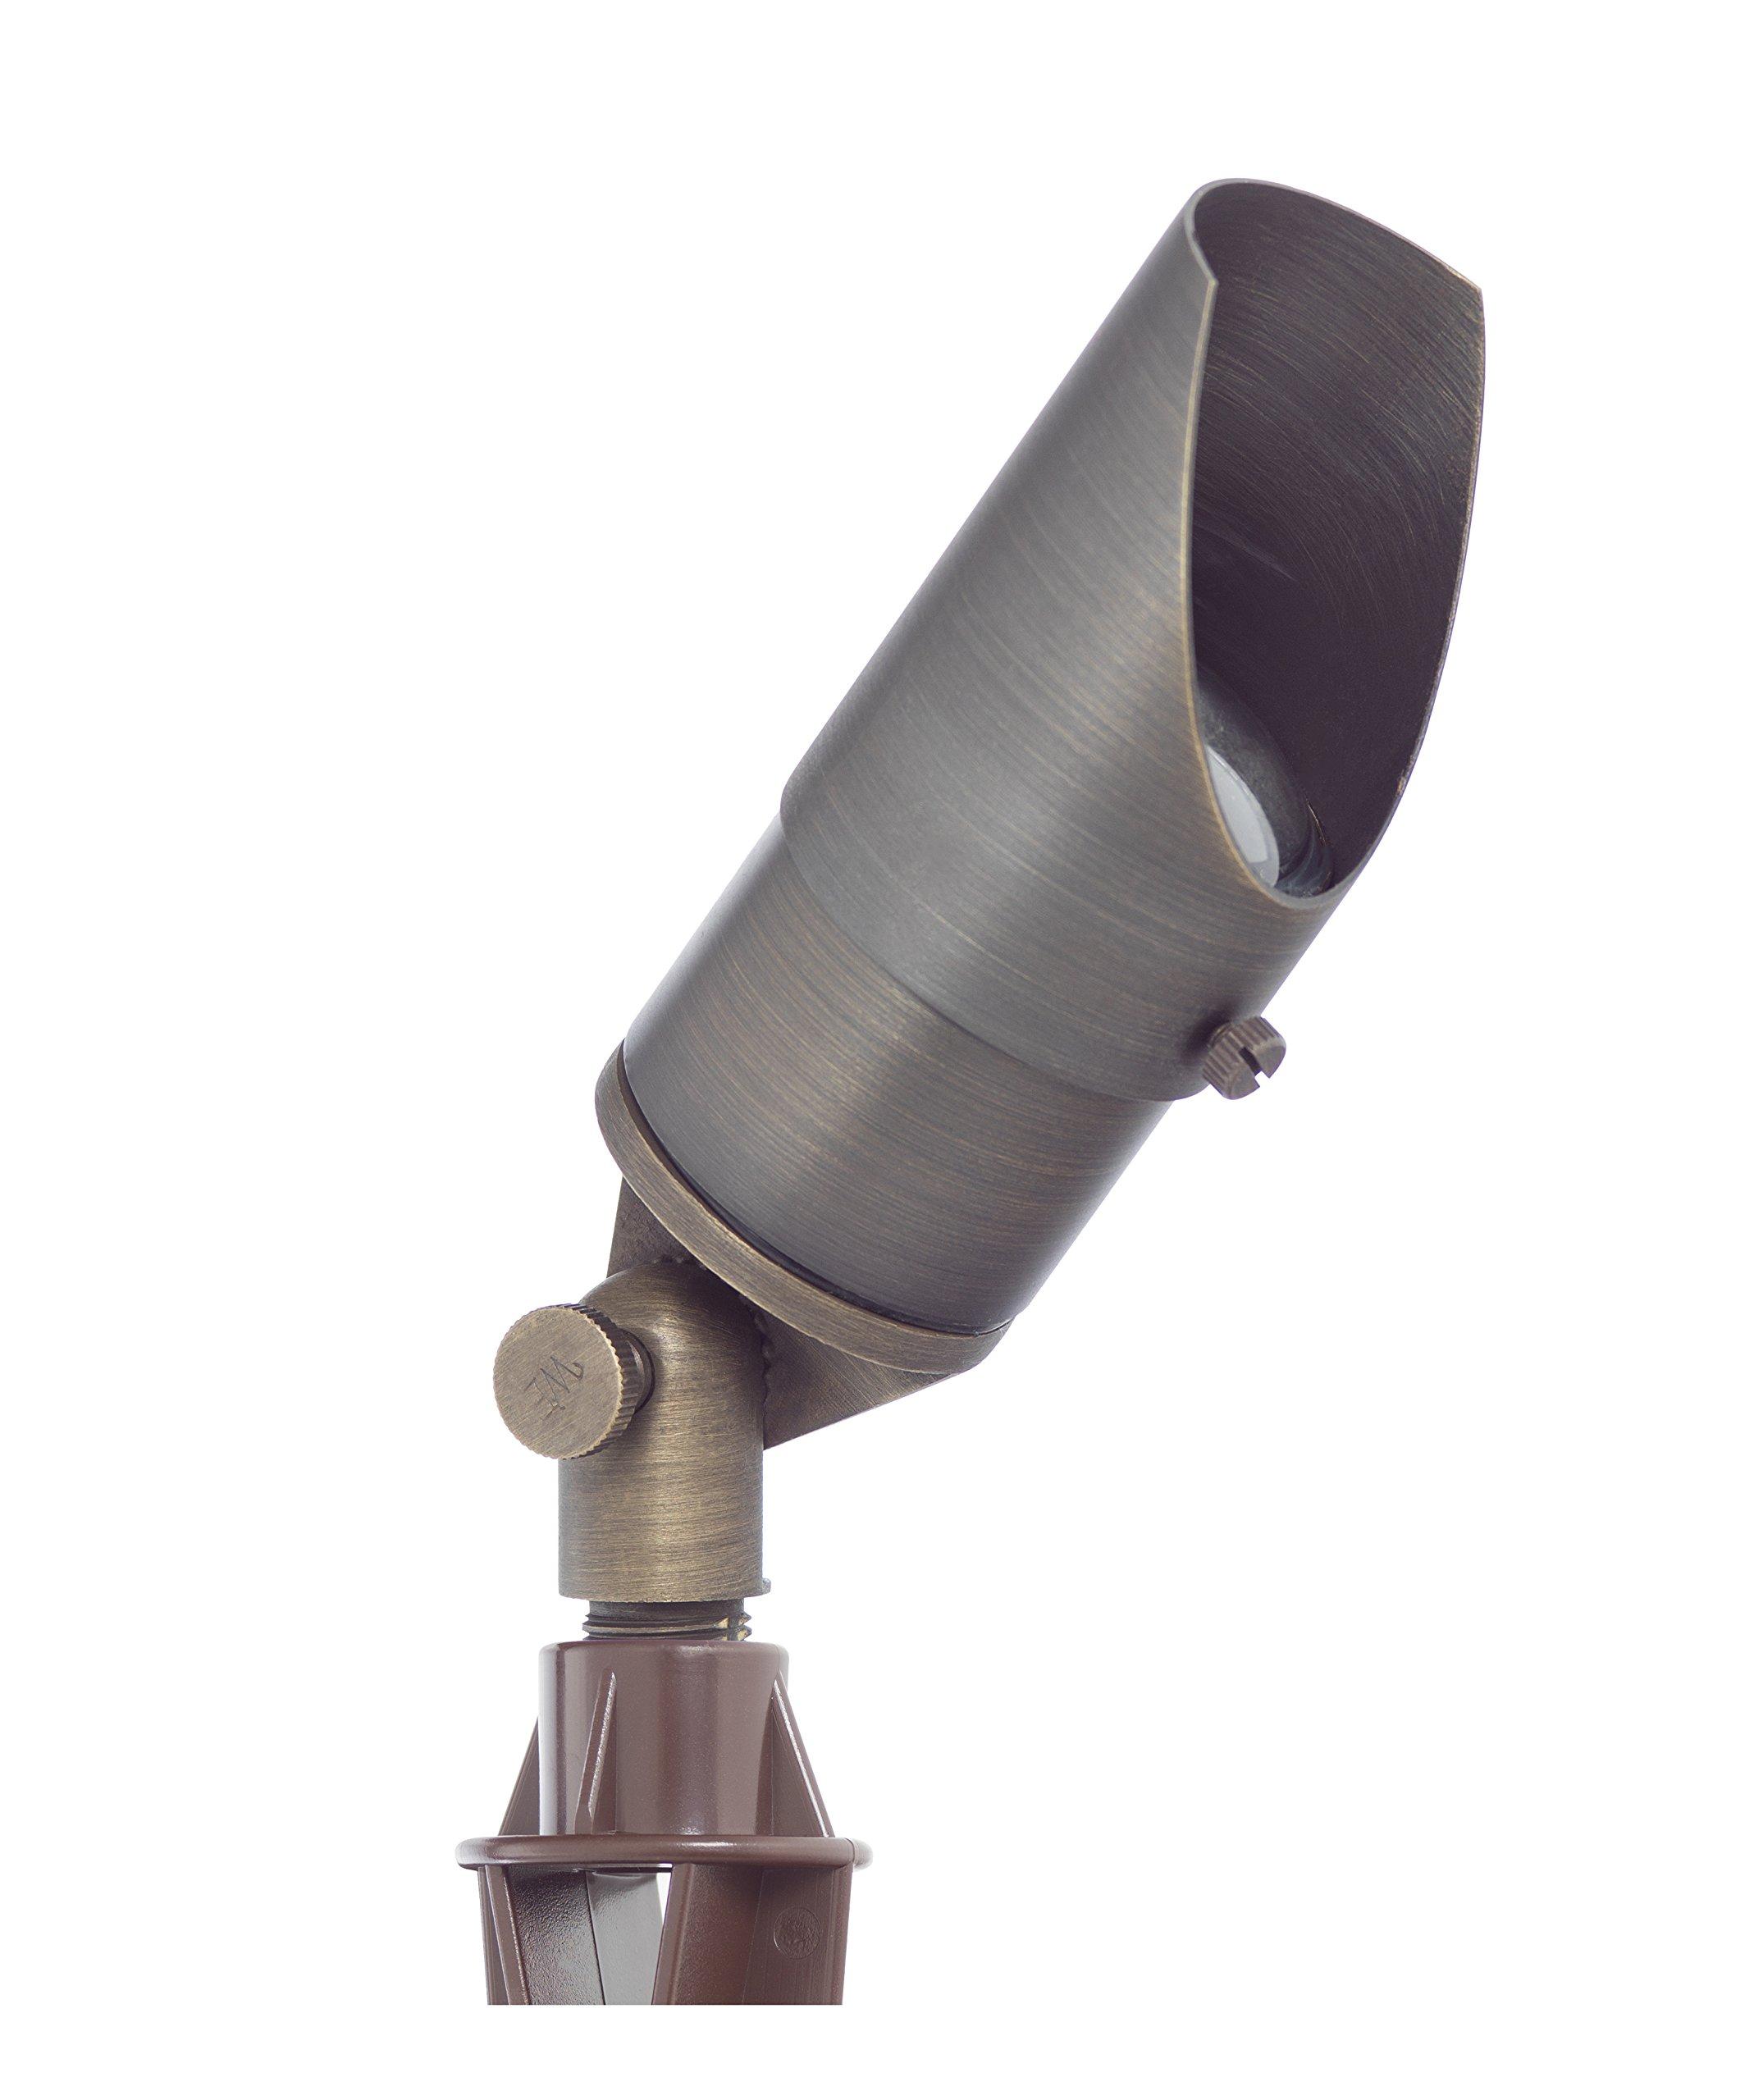 Westgate Lighting LED Directional Landscape Light- Antique Bronze Finish 12V LED Light–Convex Glass Lens LED Directional Light-7W LED Landscape Light- 3 Year Warranty (1, Bronze)